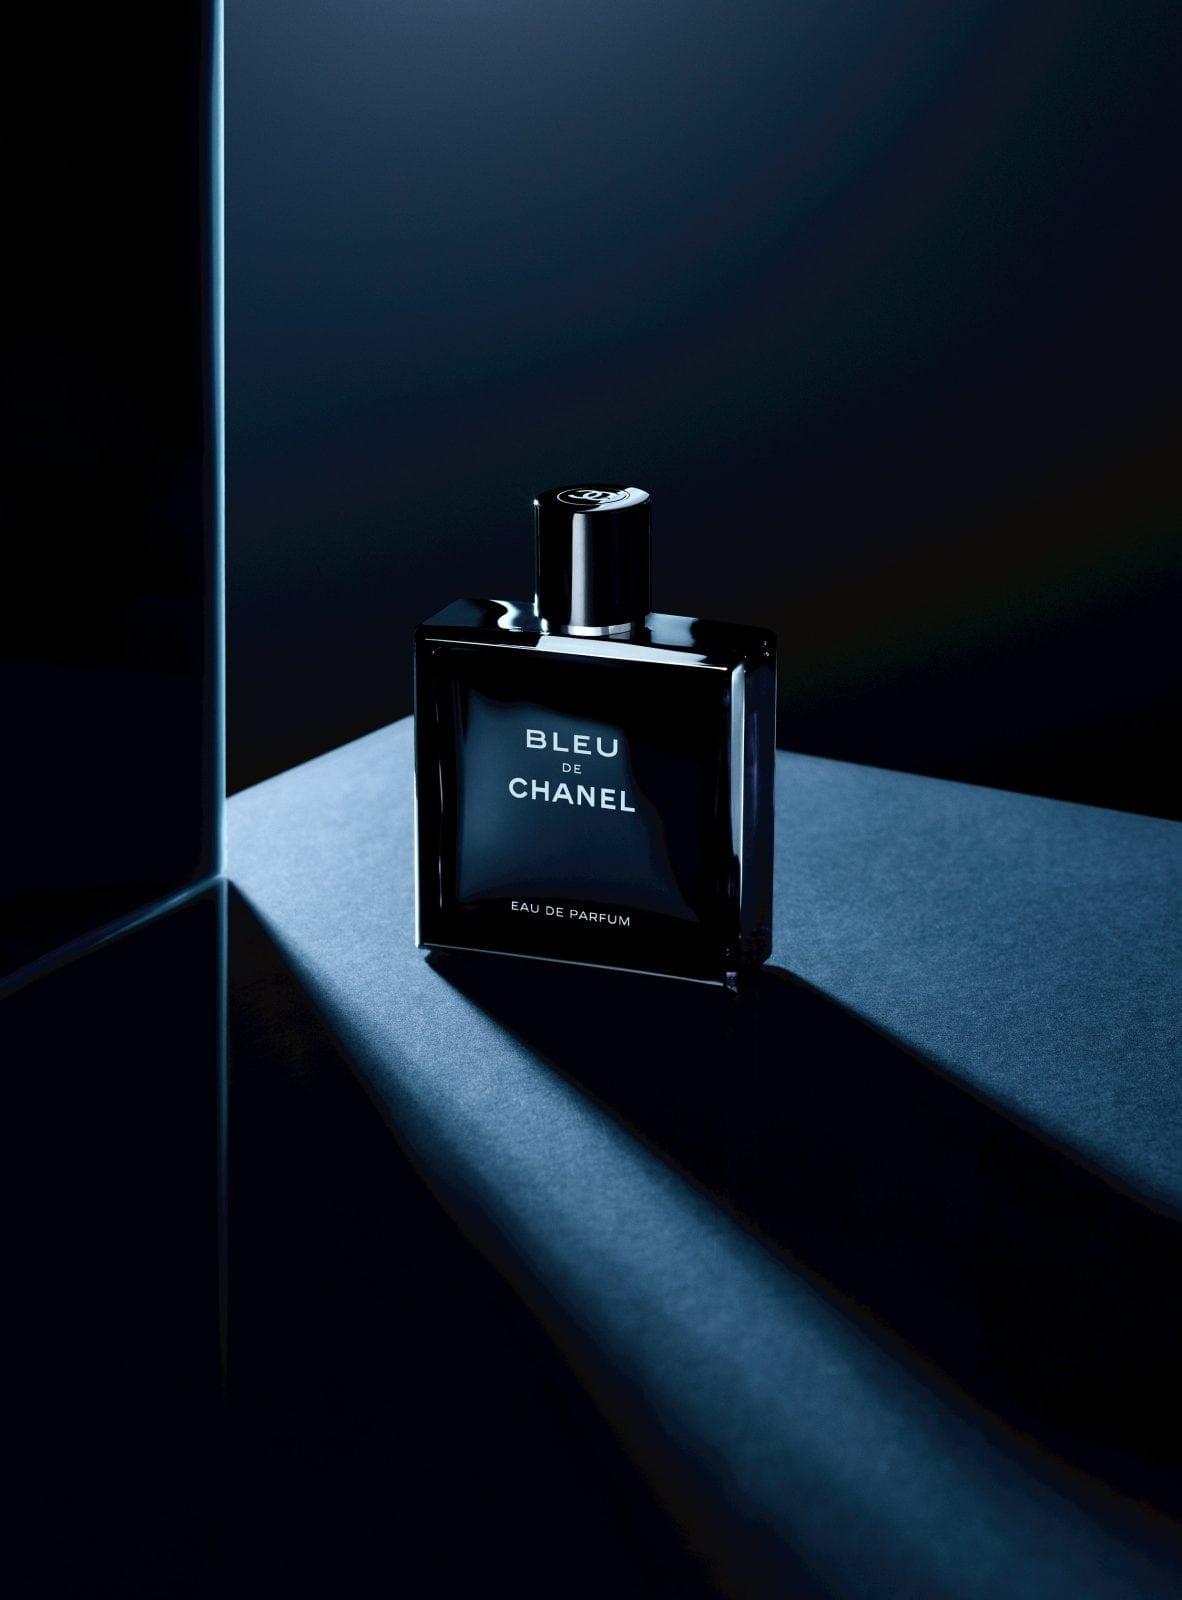 PA2014 22 0013 - Bleu de Chanel